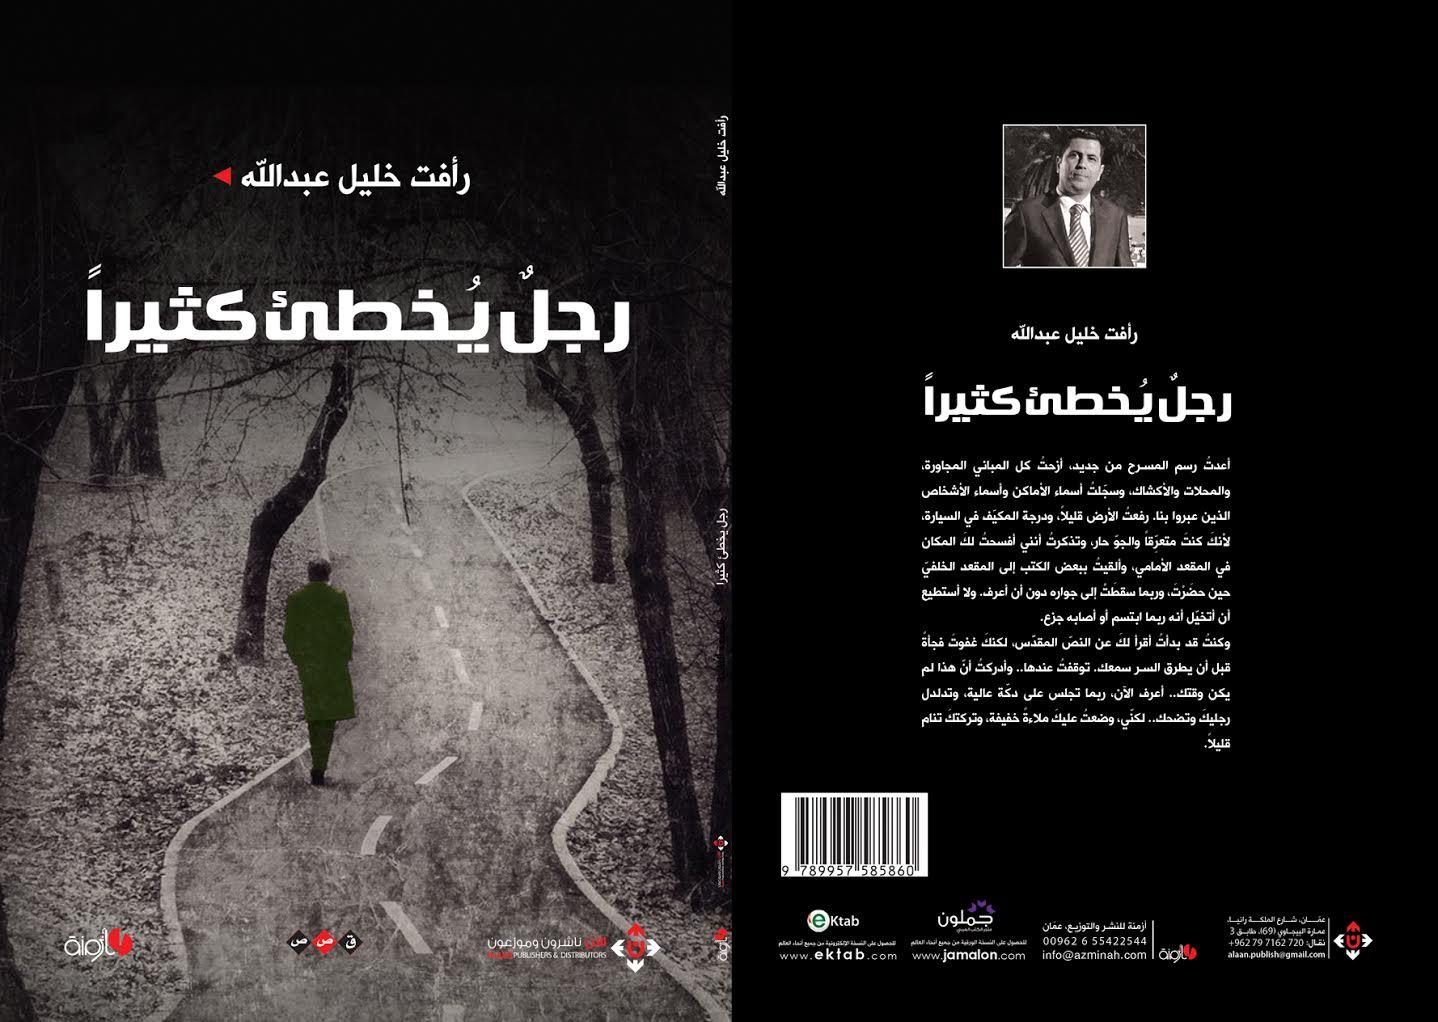 رجل يخطئ كثيرا ...مجموعة قصصية للاردني رأفت خليل عبدالله